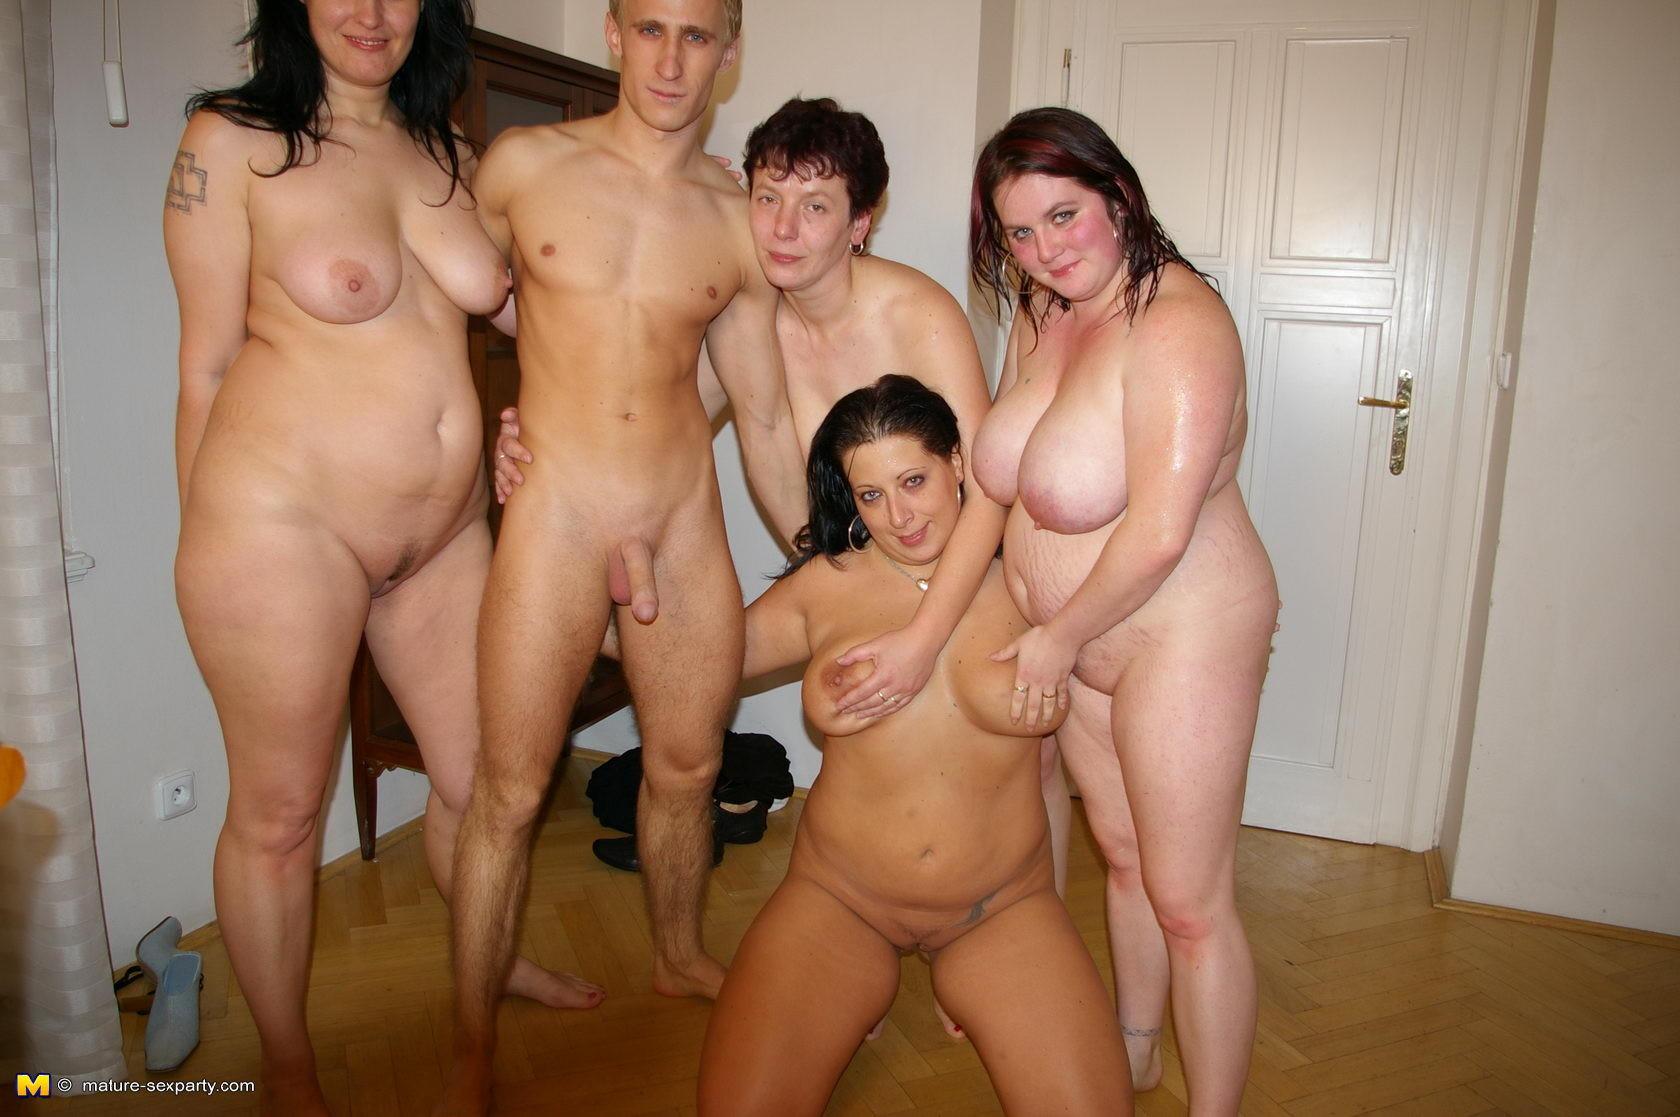 Секс мальчиков и взрослых женщин 4 фотография